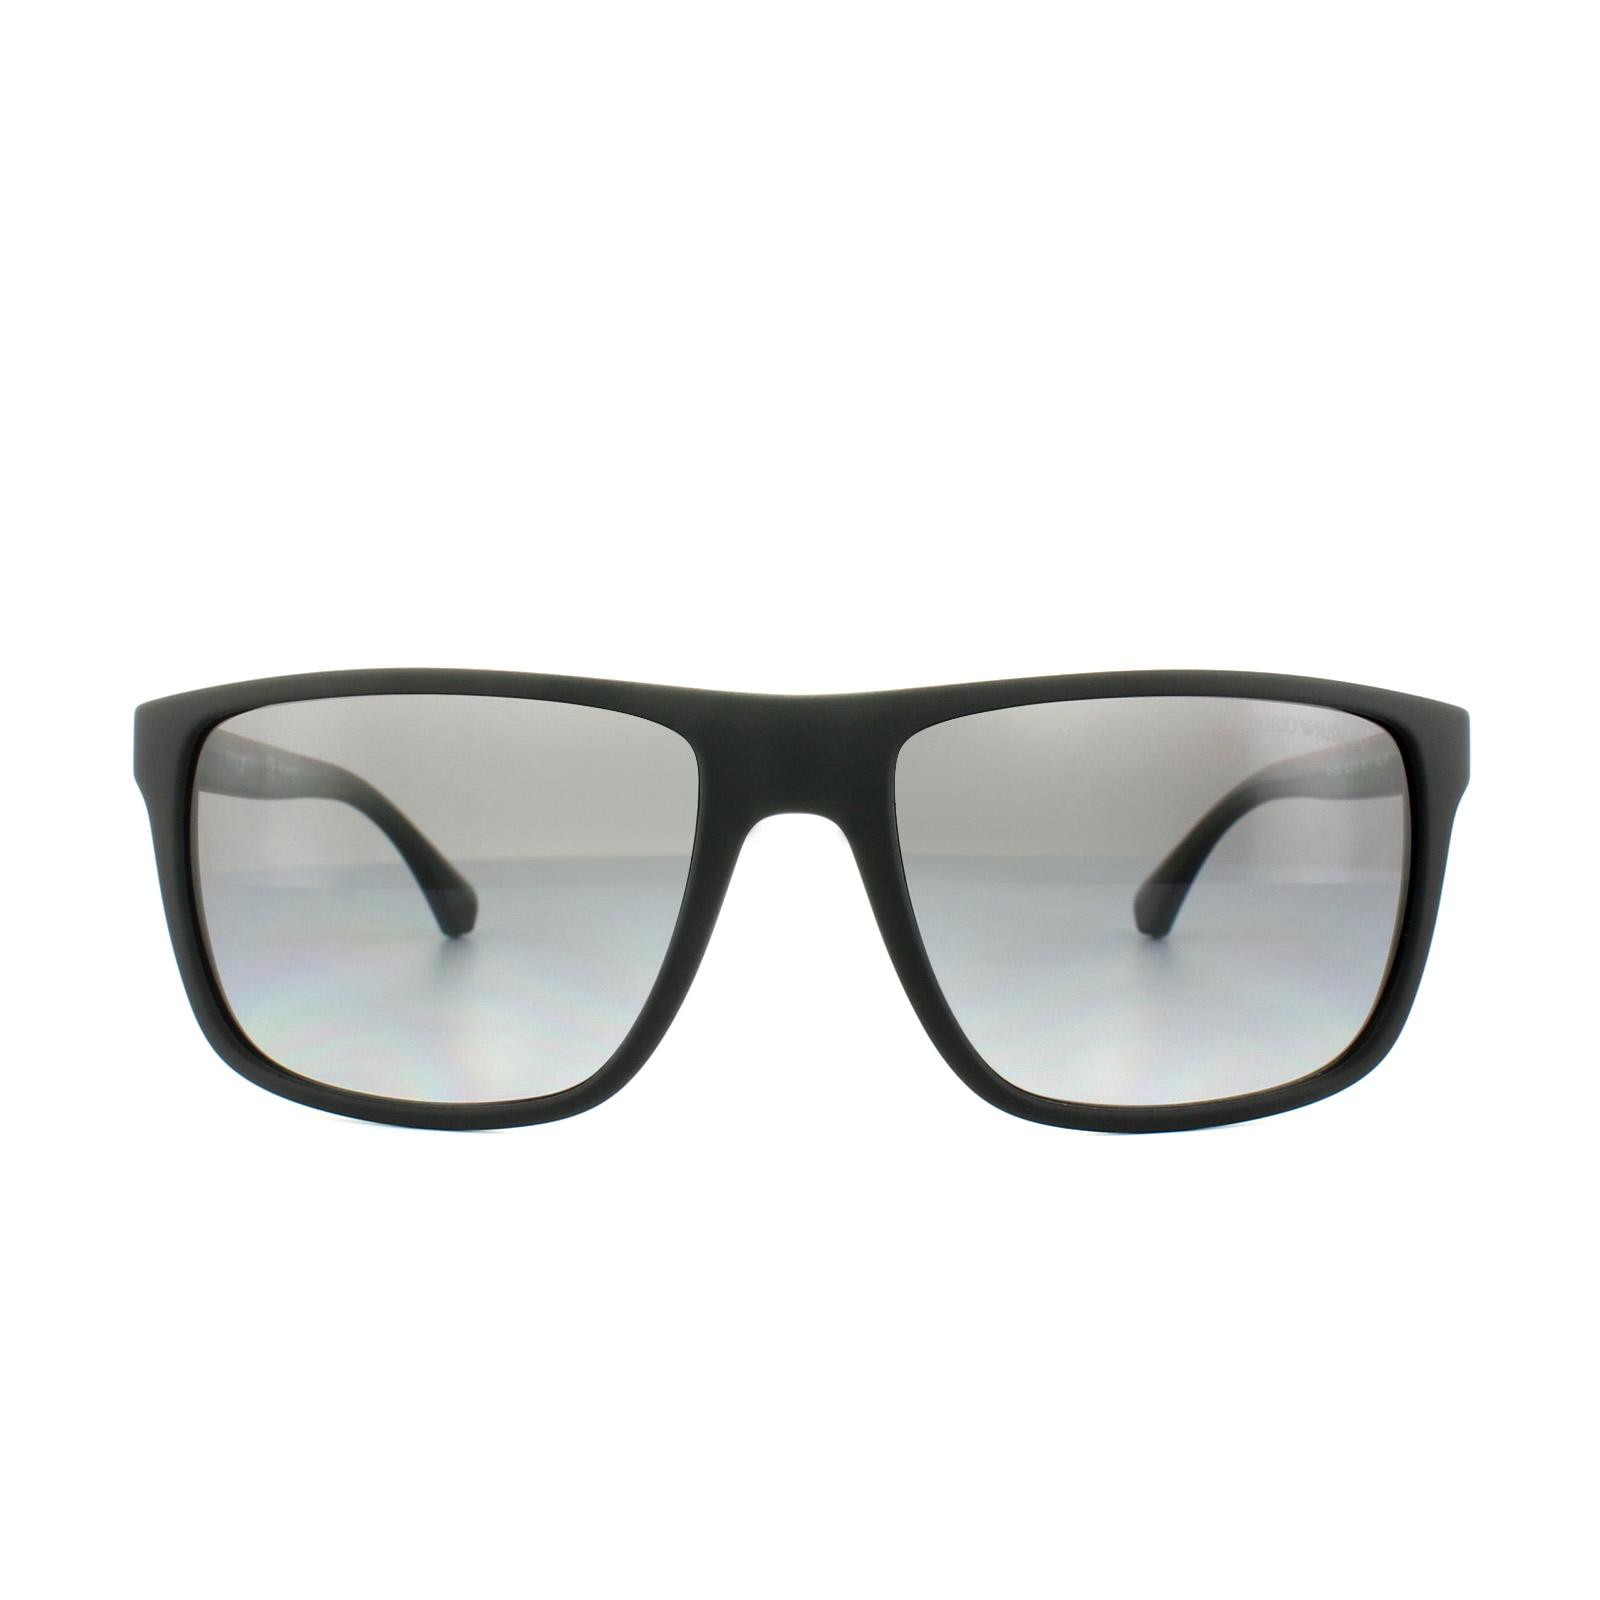 b78c997d1c23 Sentinel Emporio Armani Sunglasses 4033 5229T3 Black Grey Rubber Grey  Gradient Polarized